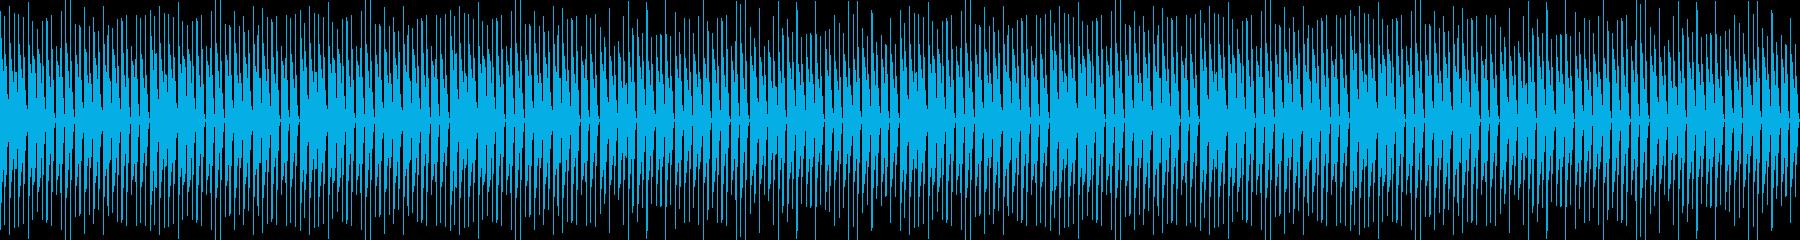 レトロ、ゲーム、ピコピコ、軽快、ループ2の再生済みの波形